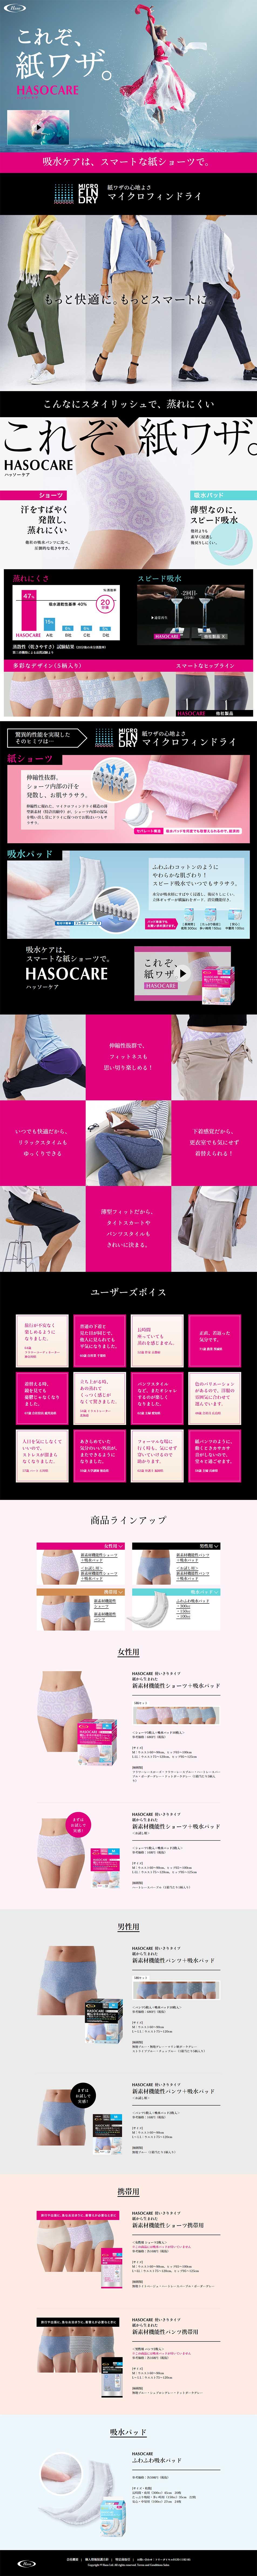 HASOCARE【日用雑貨関連】のLPデザイン。WEBデザイナーさん必見!ランディングページのデザイン参考に(力強い系)